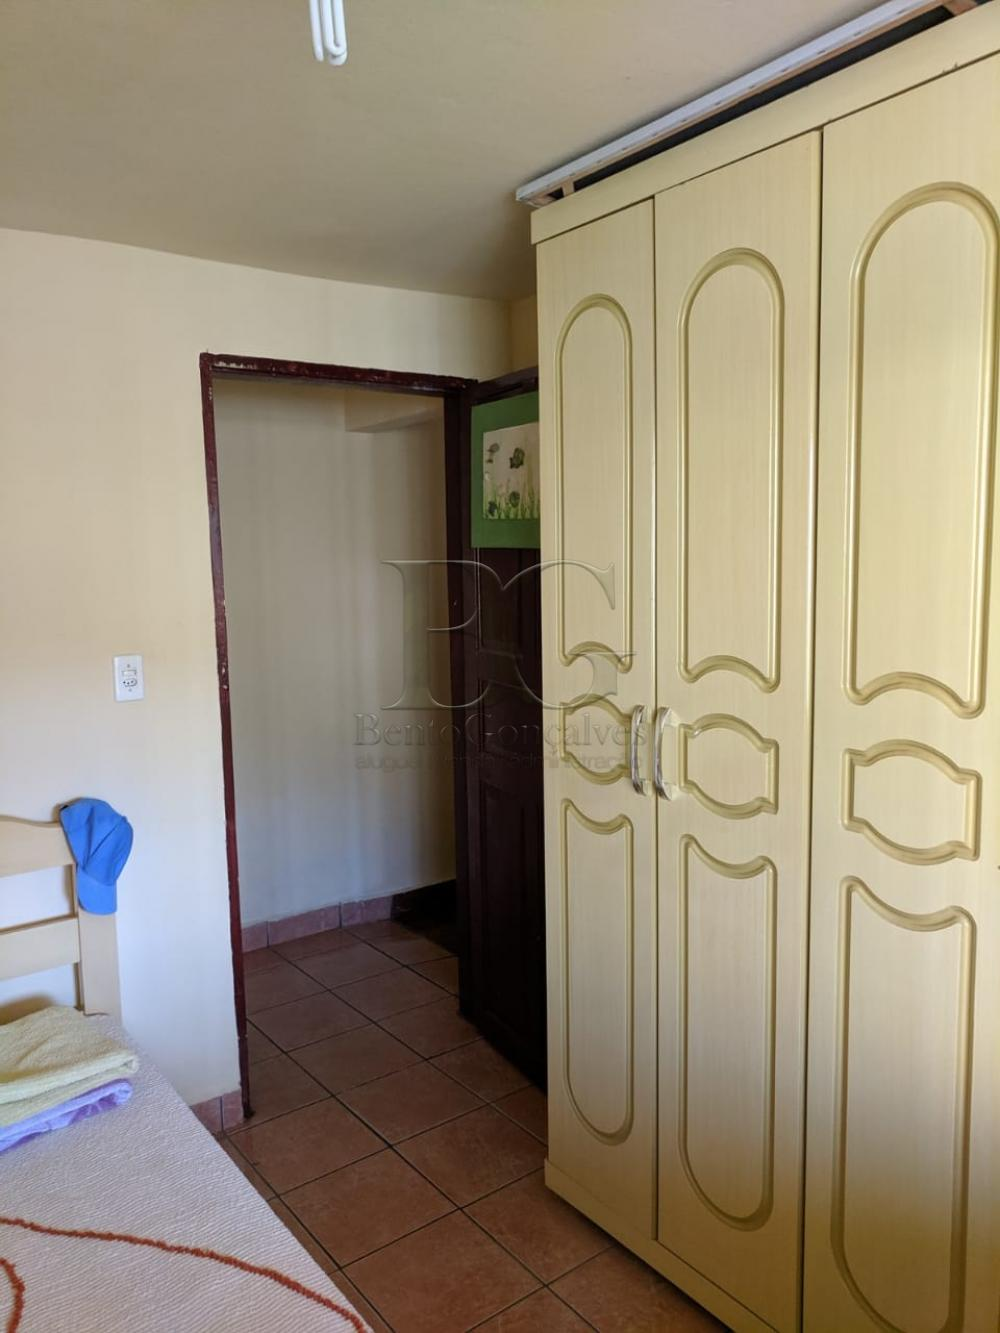 Comprar Casas / Padrão em Poços de Caldas apenas R$ 280.000,00 - Foto 8